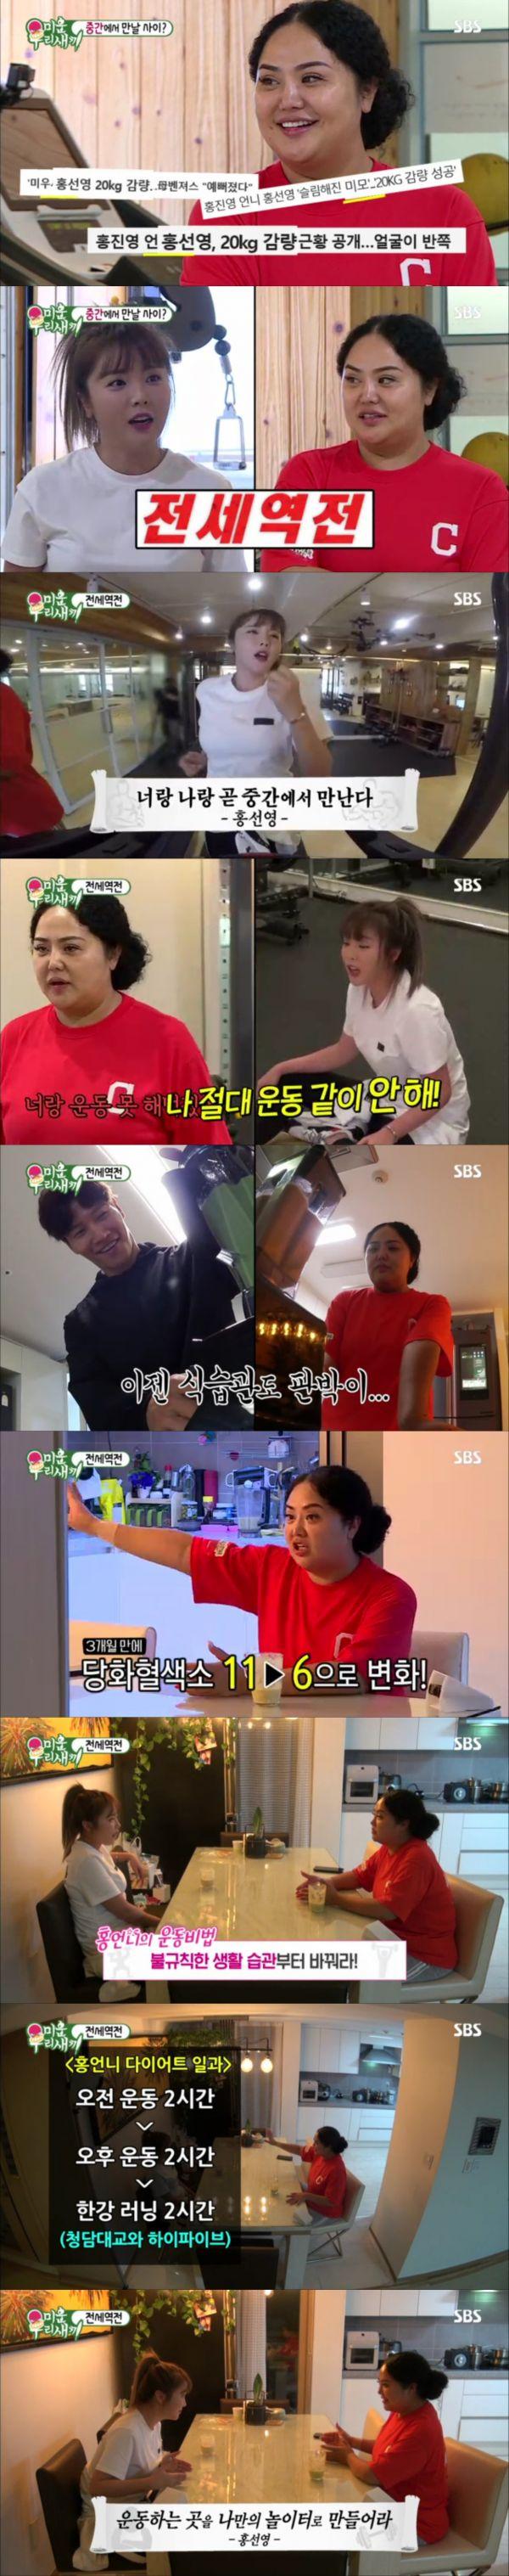 홍선영, 다이어트 비법 공개…'미우새' 최고 시청률 20.9% 기록